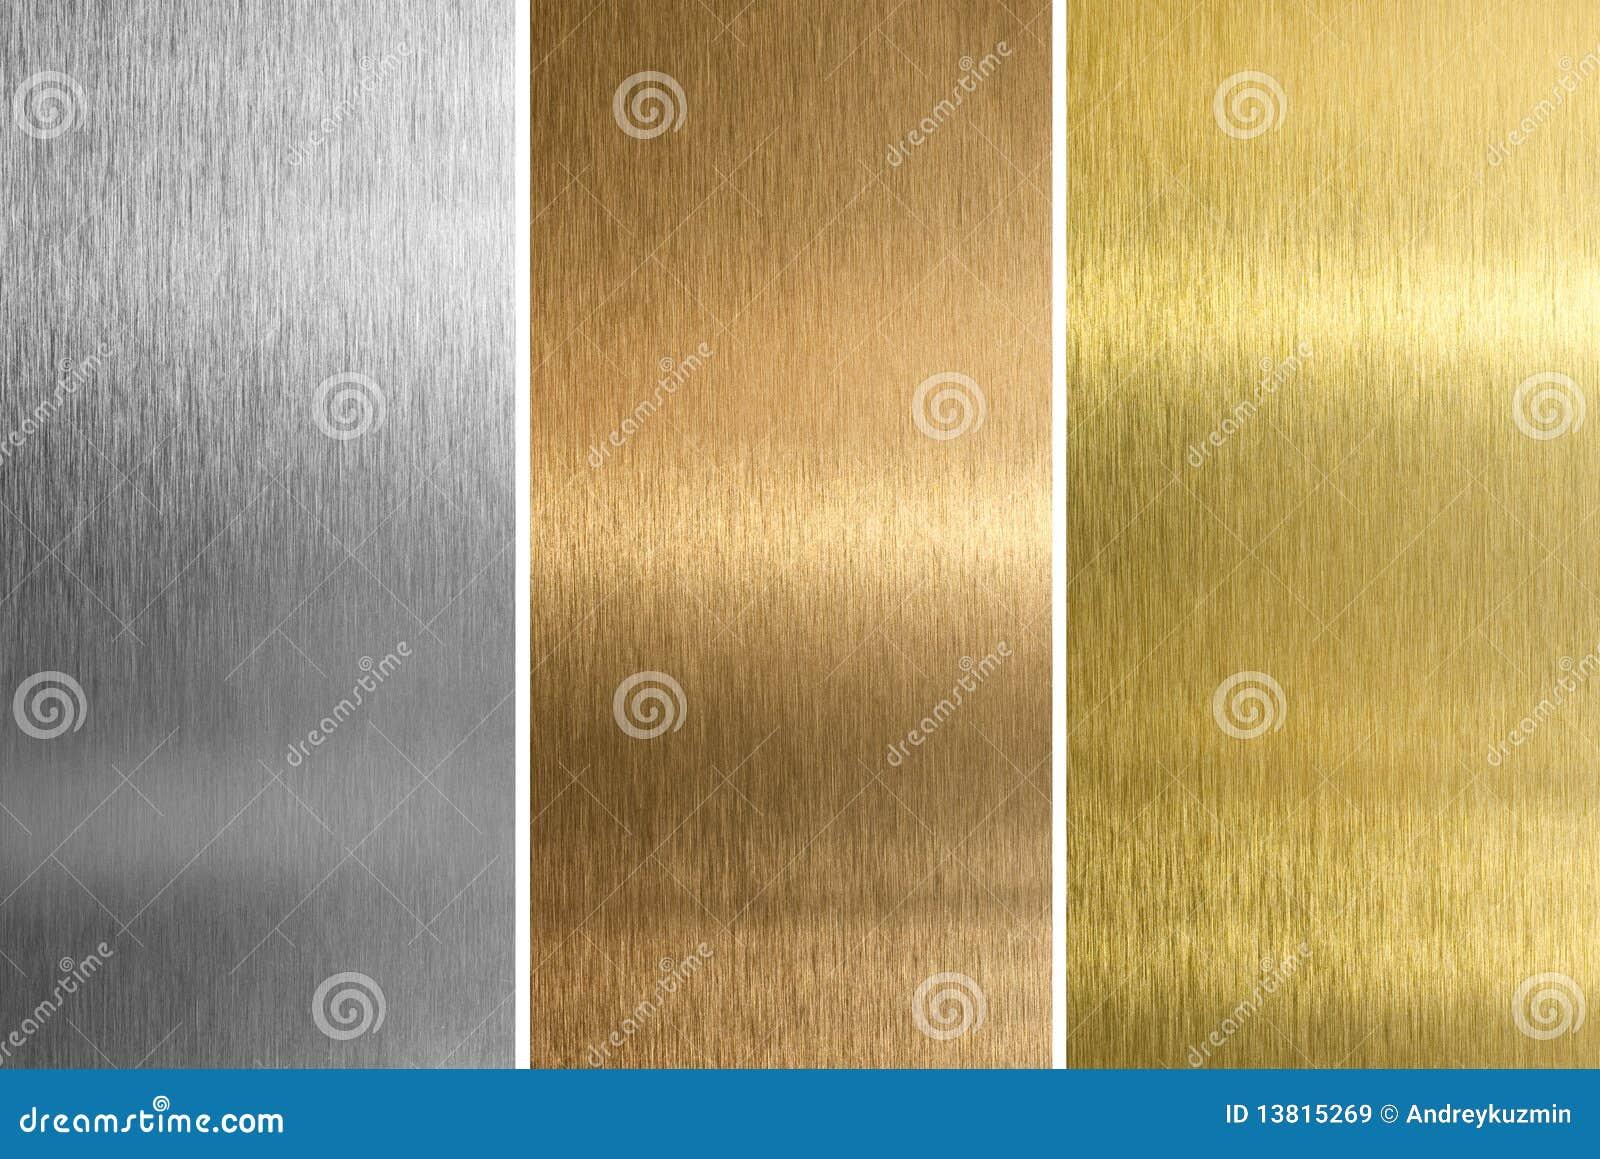 全色堂_黄铜古铜色金黄银色纹理